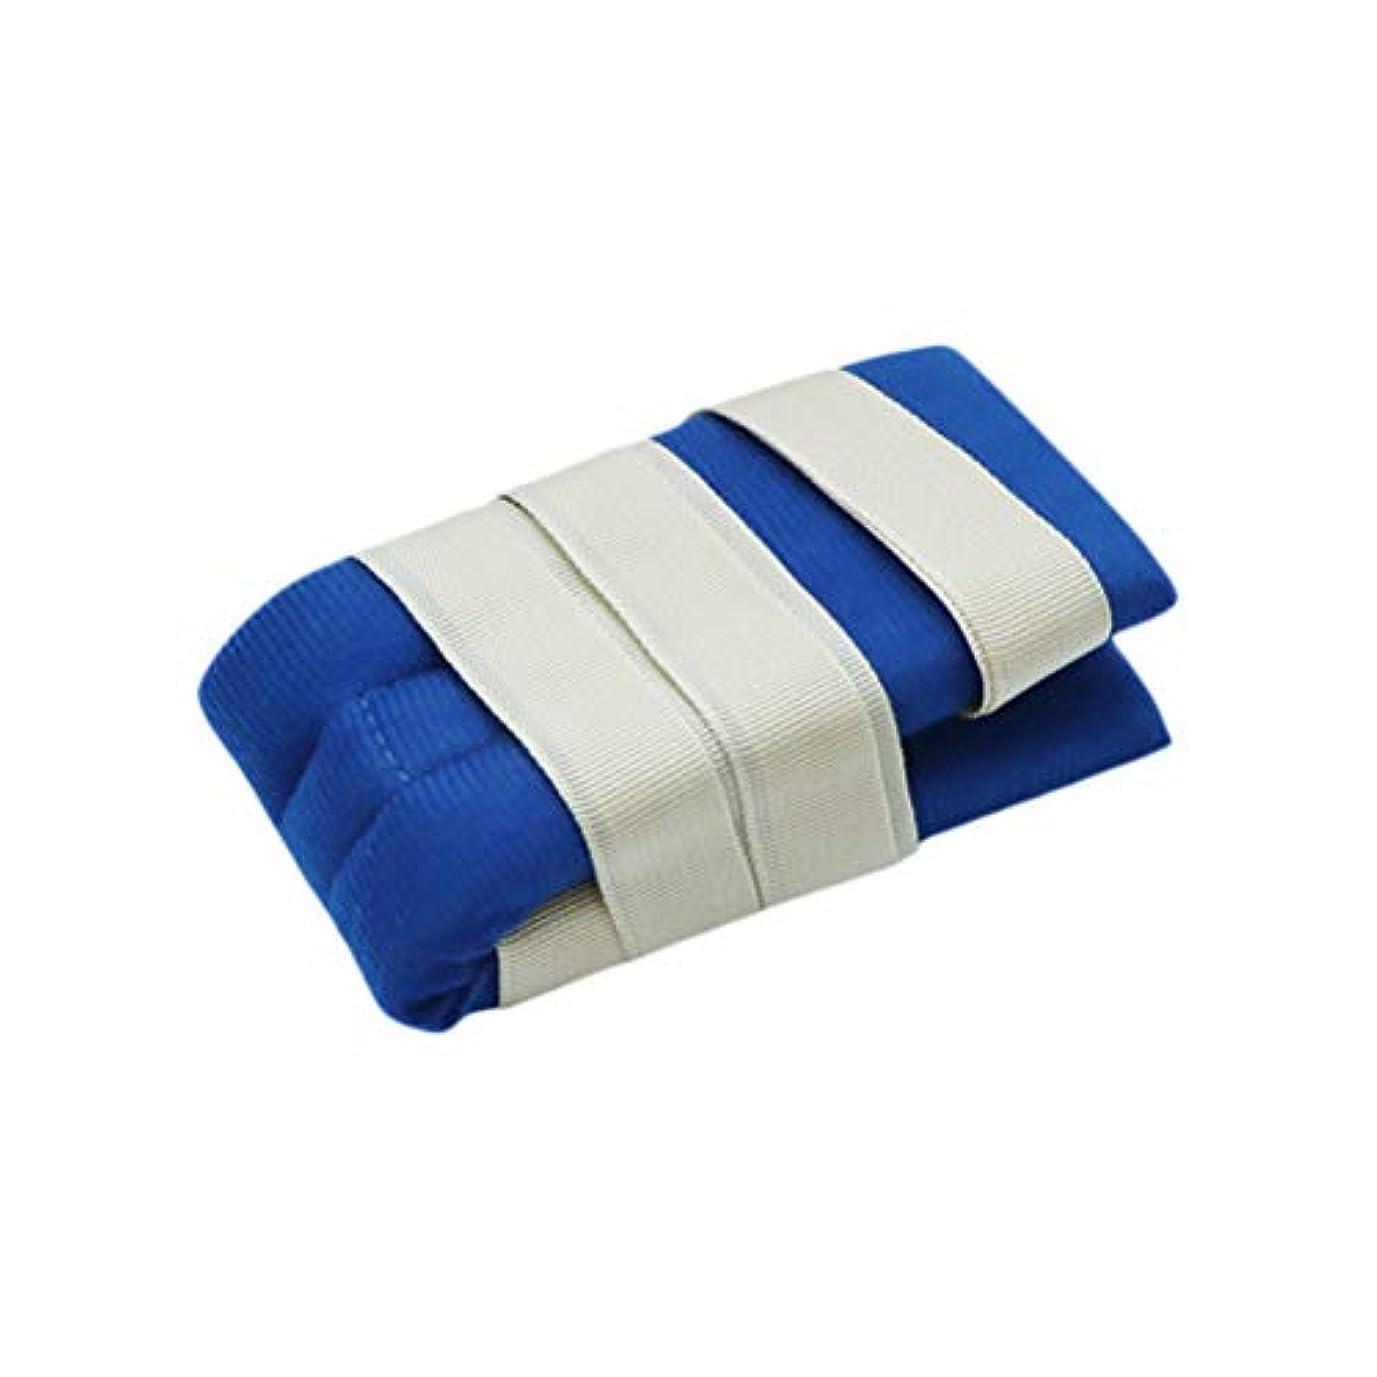 オーロックフライカイト多数の手または足のための柔らかい医学の制限の革紐バンド病院用ベッドの肢のホールダー患者のための普遍的な抑制制御クイックリリースバンド